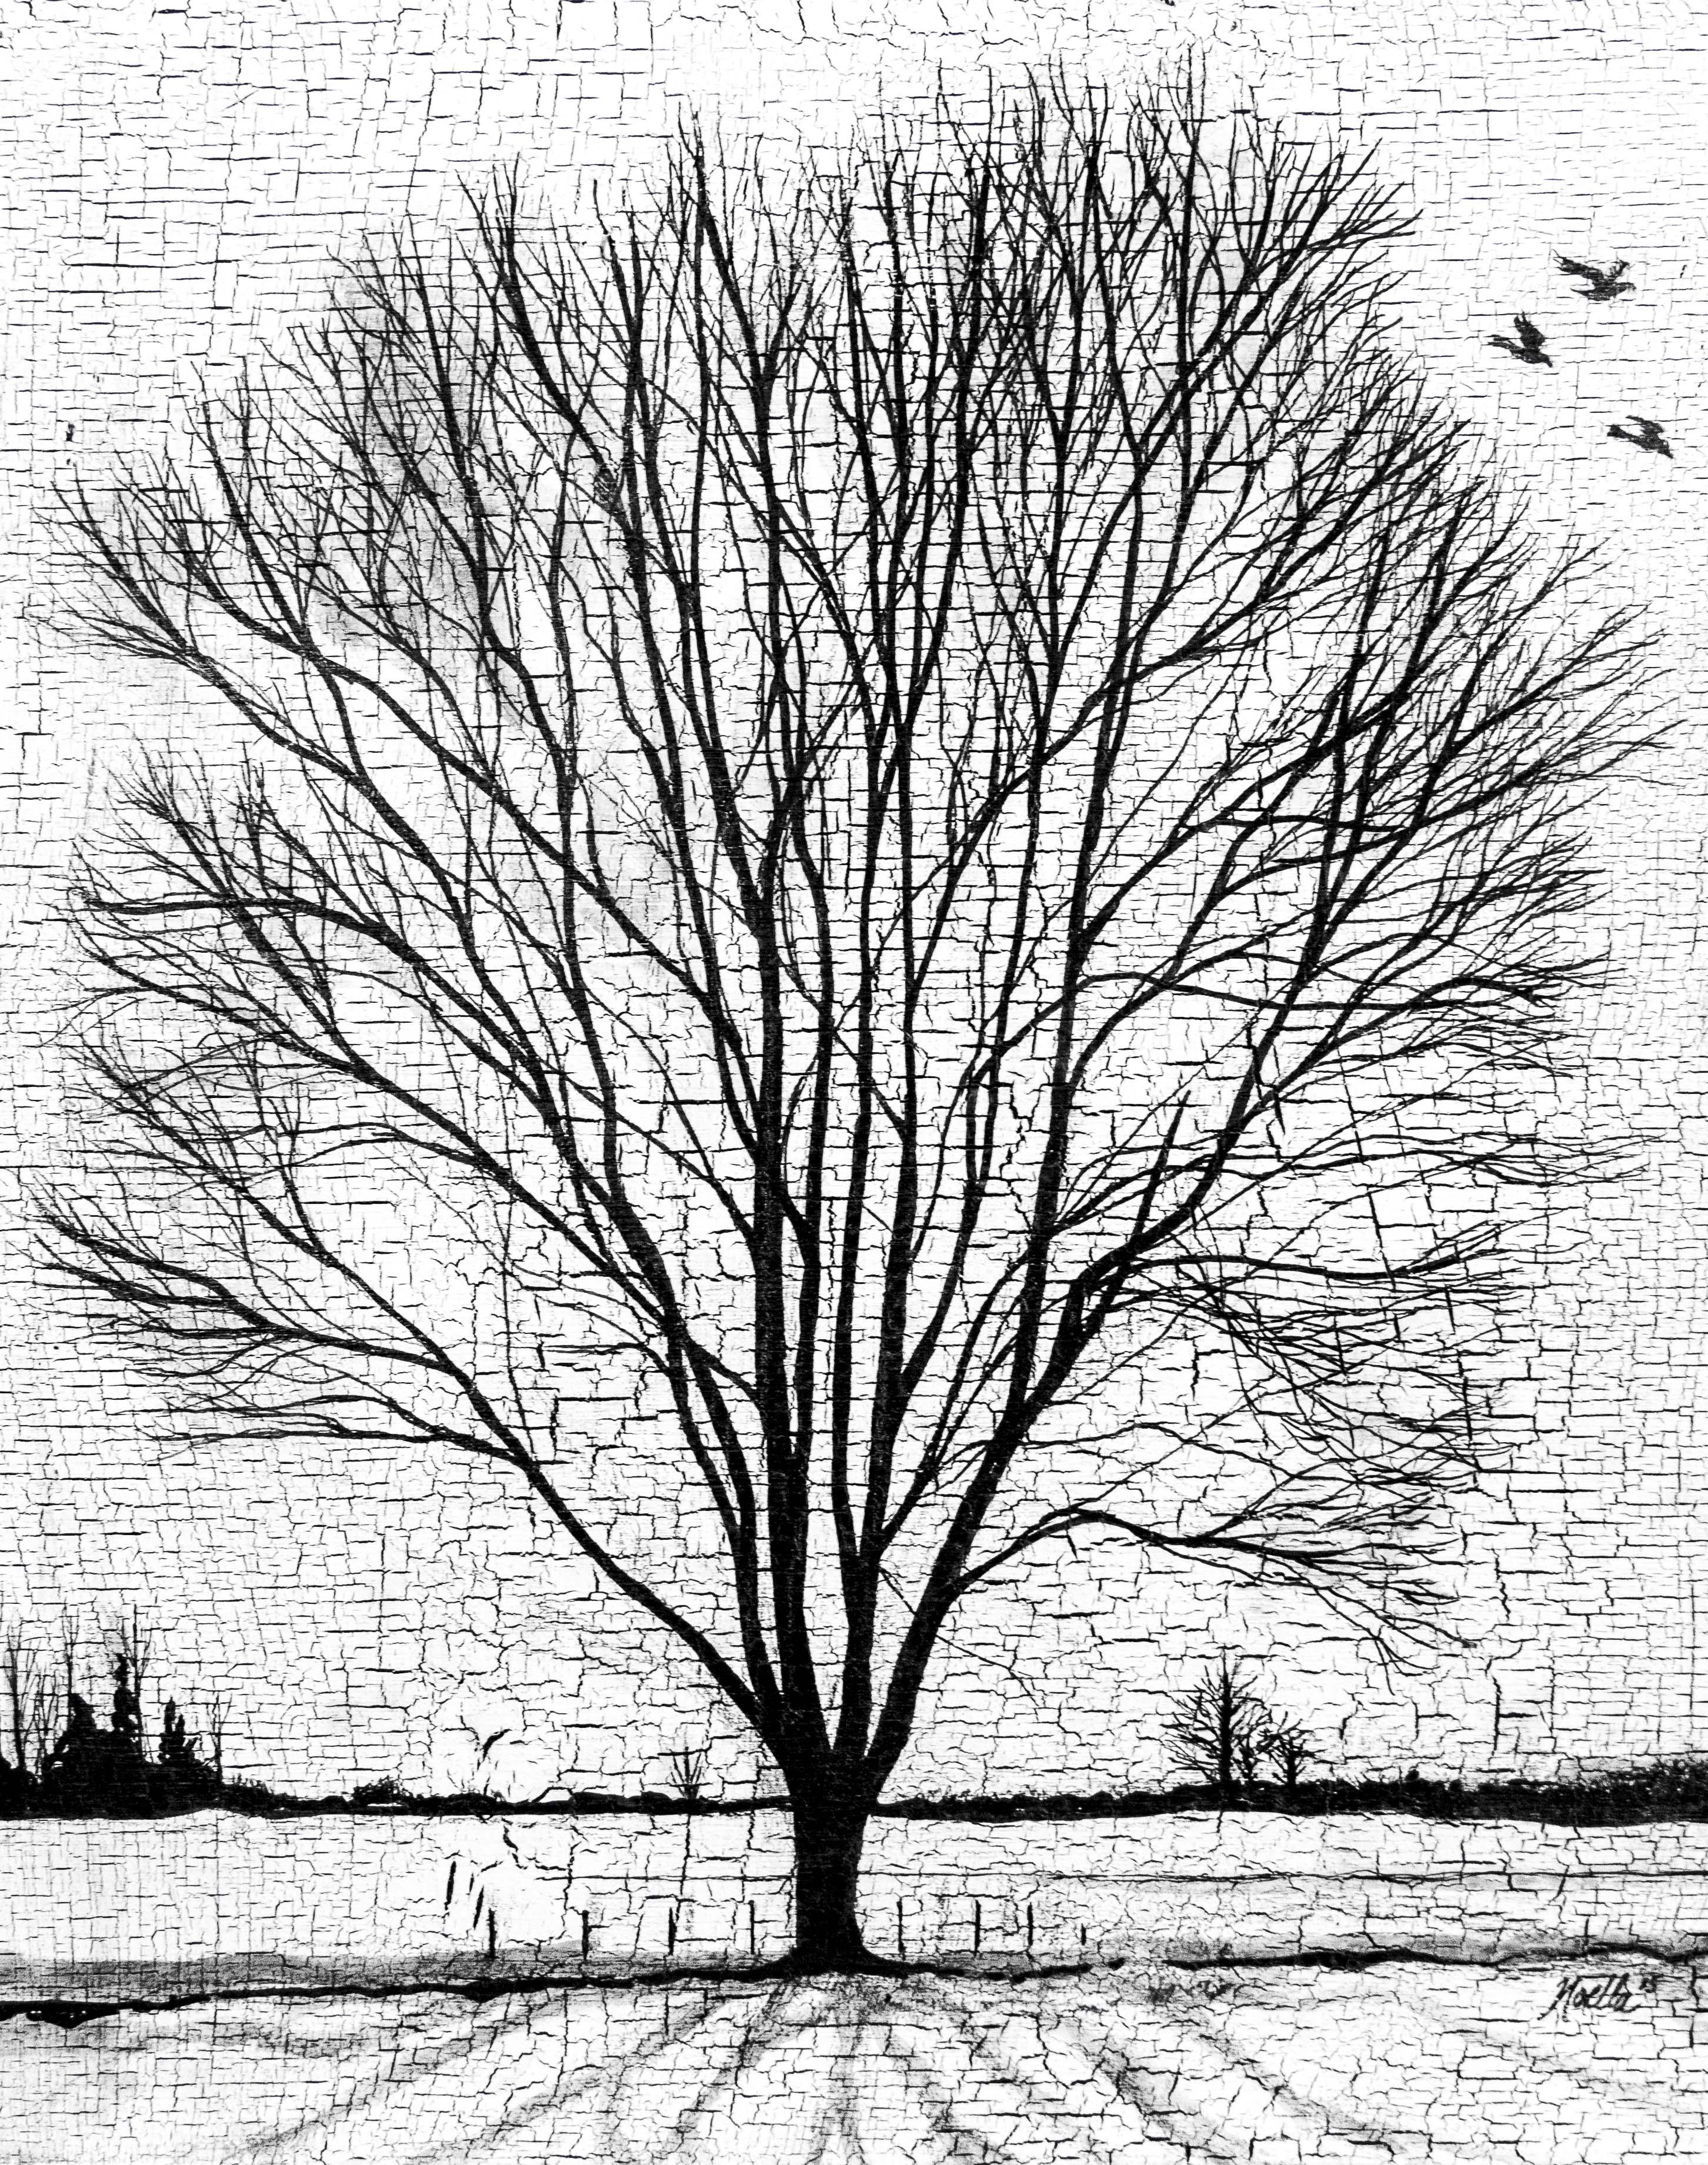 Joanne's Tree